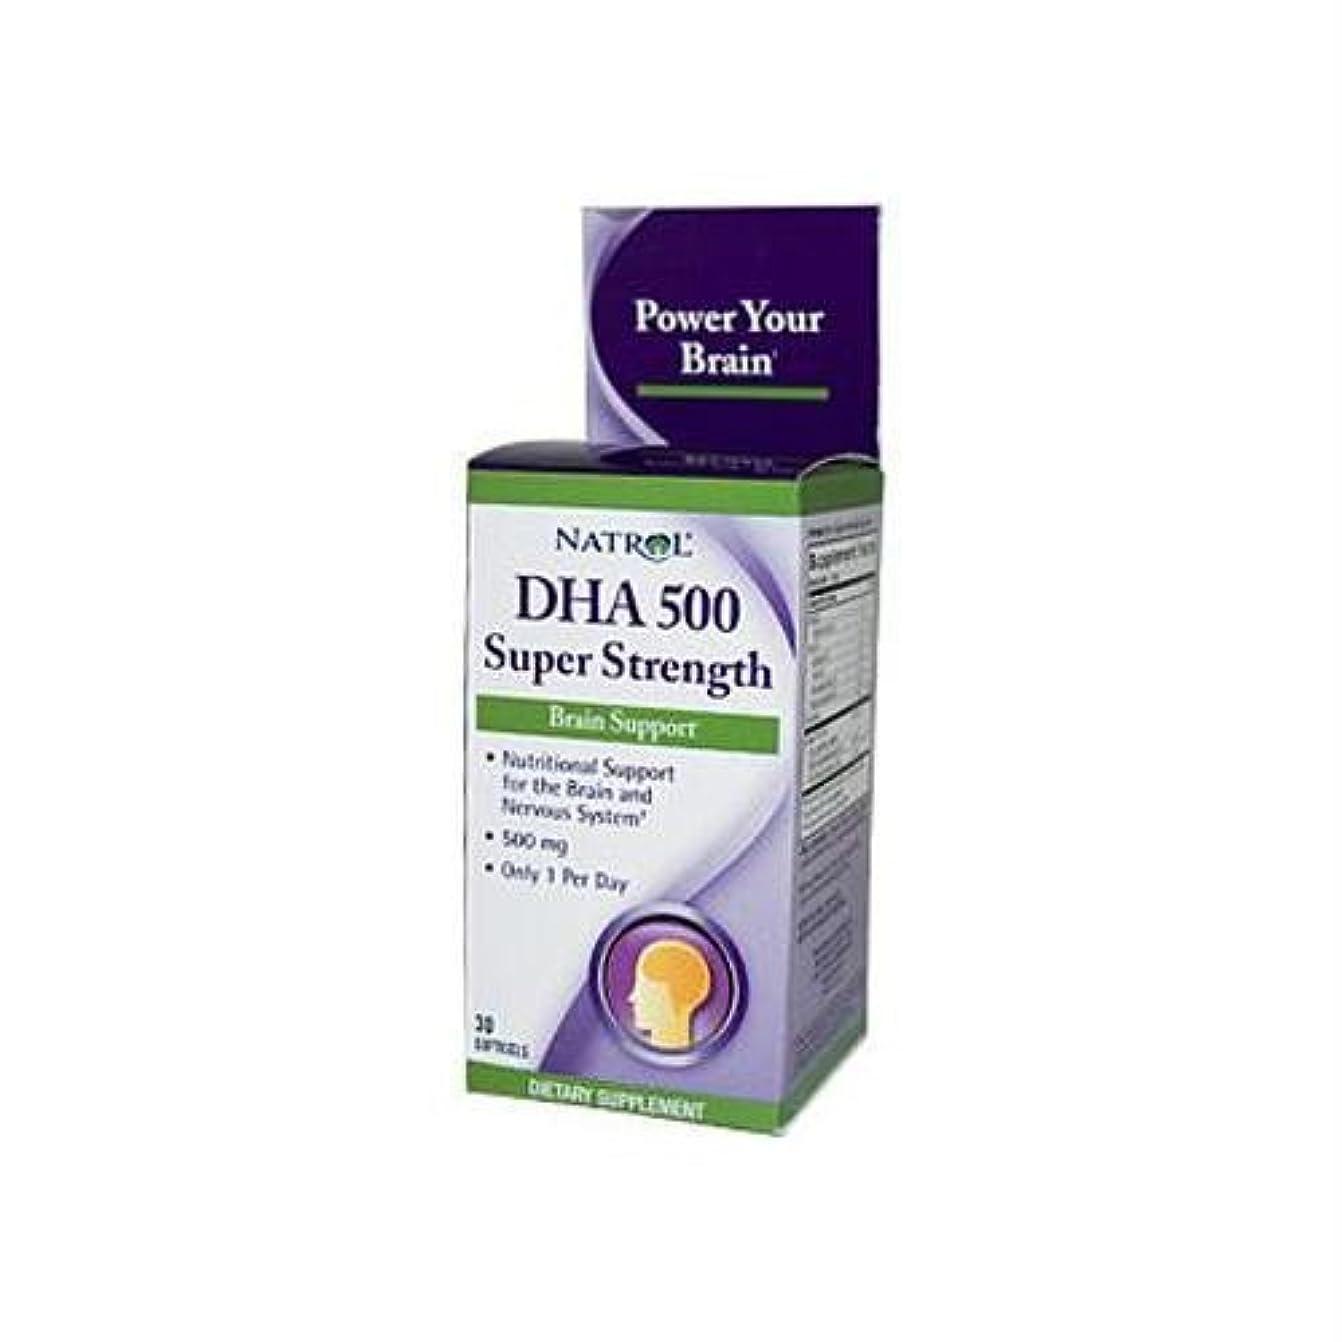 帆赤救急車Natrol/ナトロール DHA 500 Super Strength - 500 mg - 30 ソフトカプセル